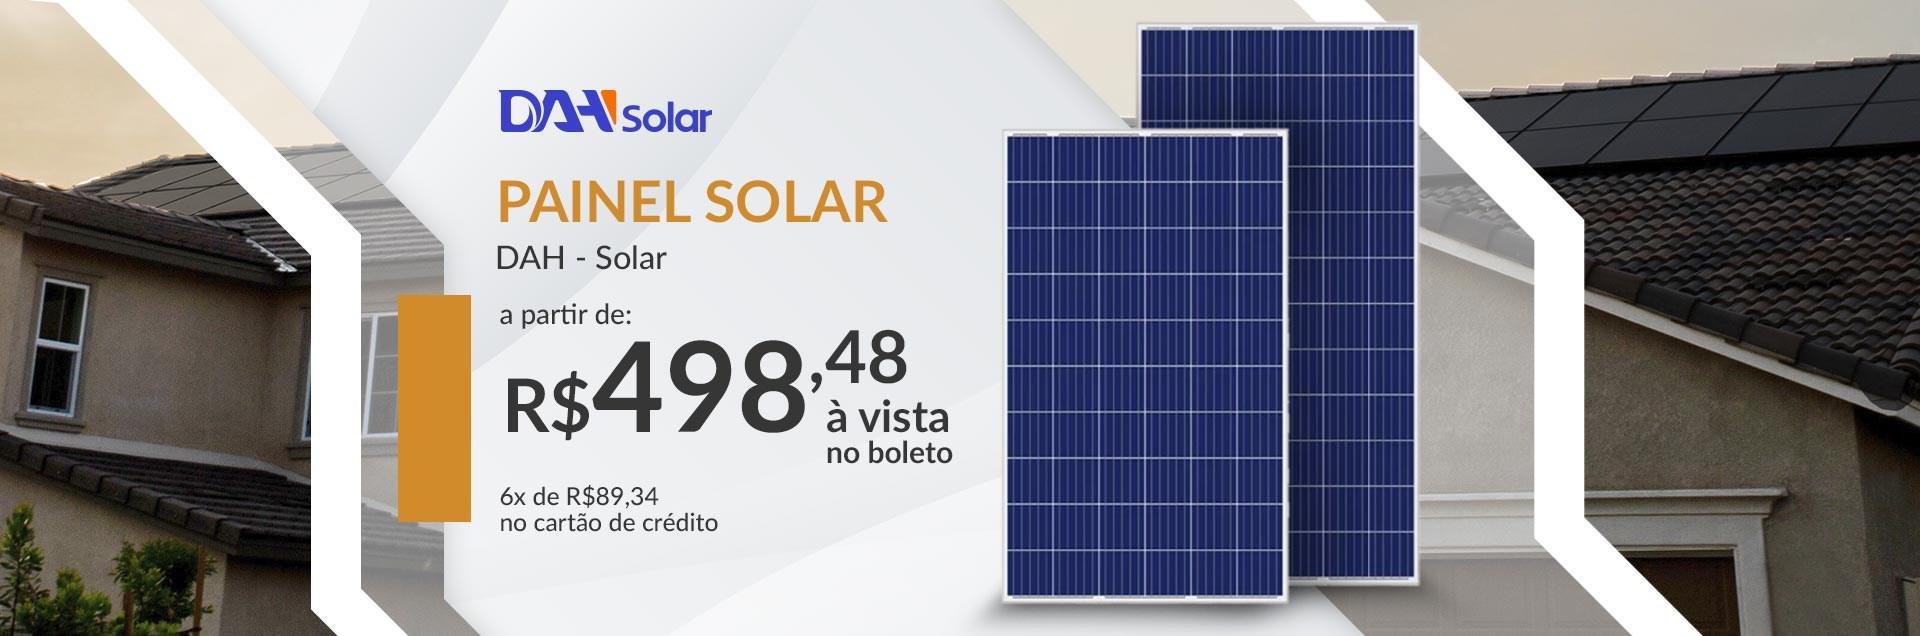 Outubro - Painéis DAH Solar